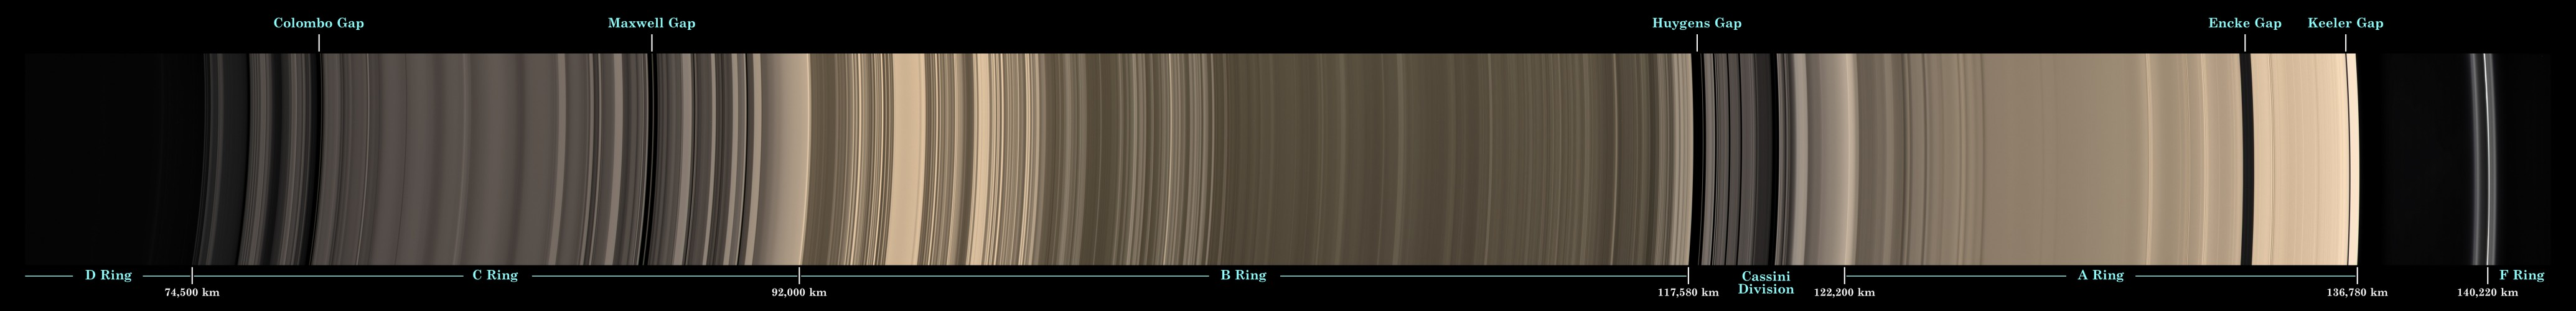 Siehe Beschreibung. Ein Klick auf das Bild liefert die höchste verfügbare Auflösung.